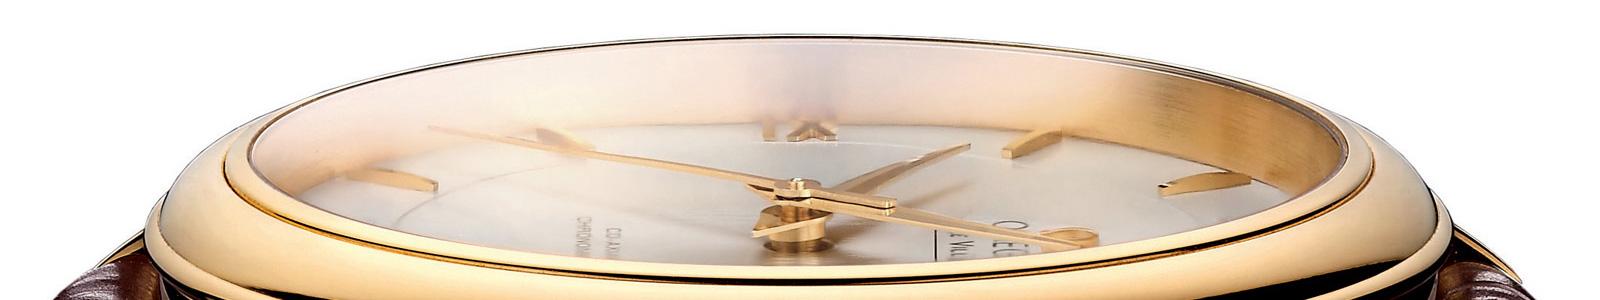 碟飞系列 典雅系列腕表 - 系列